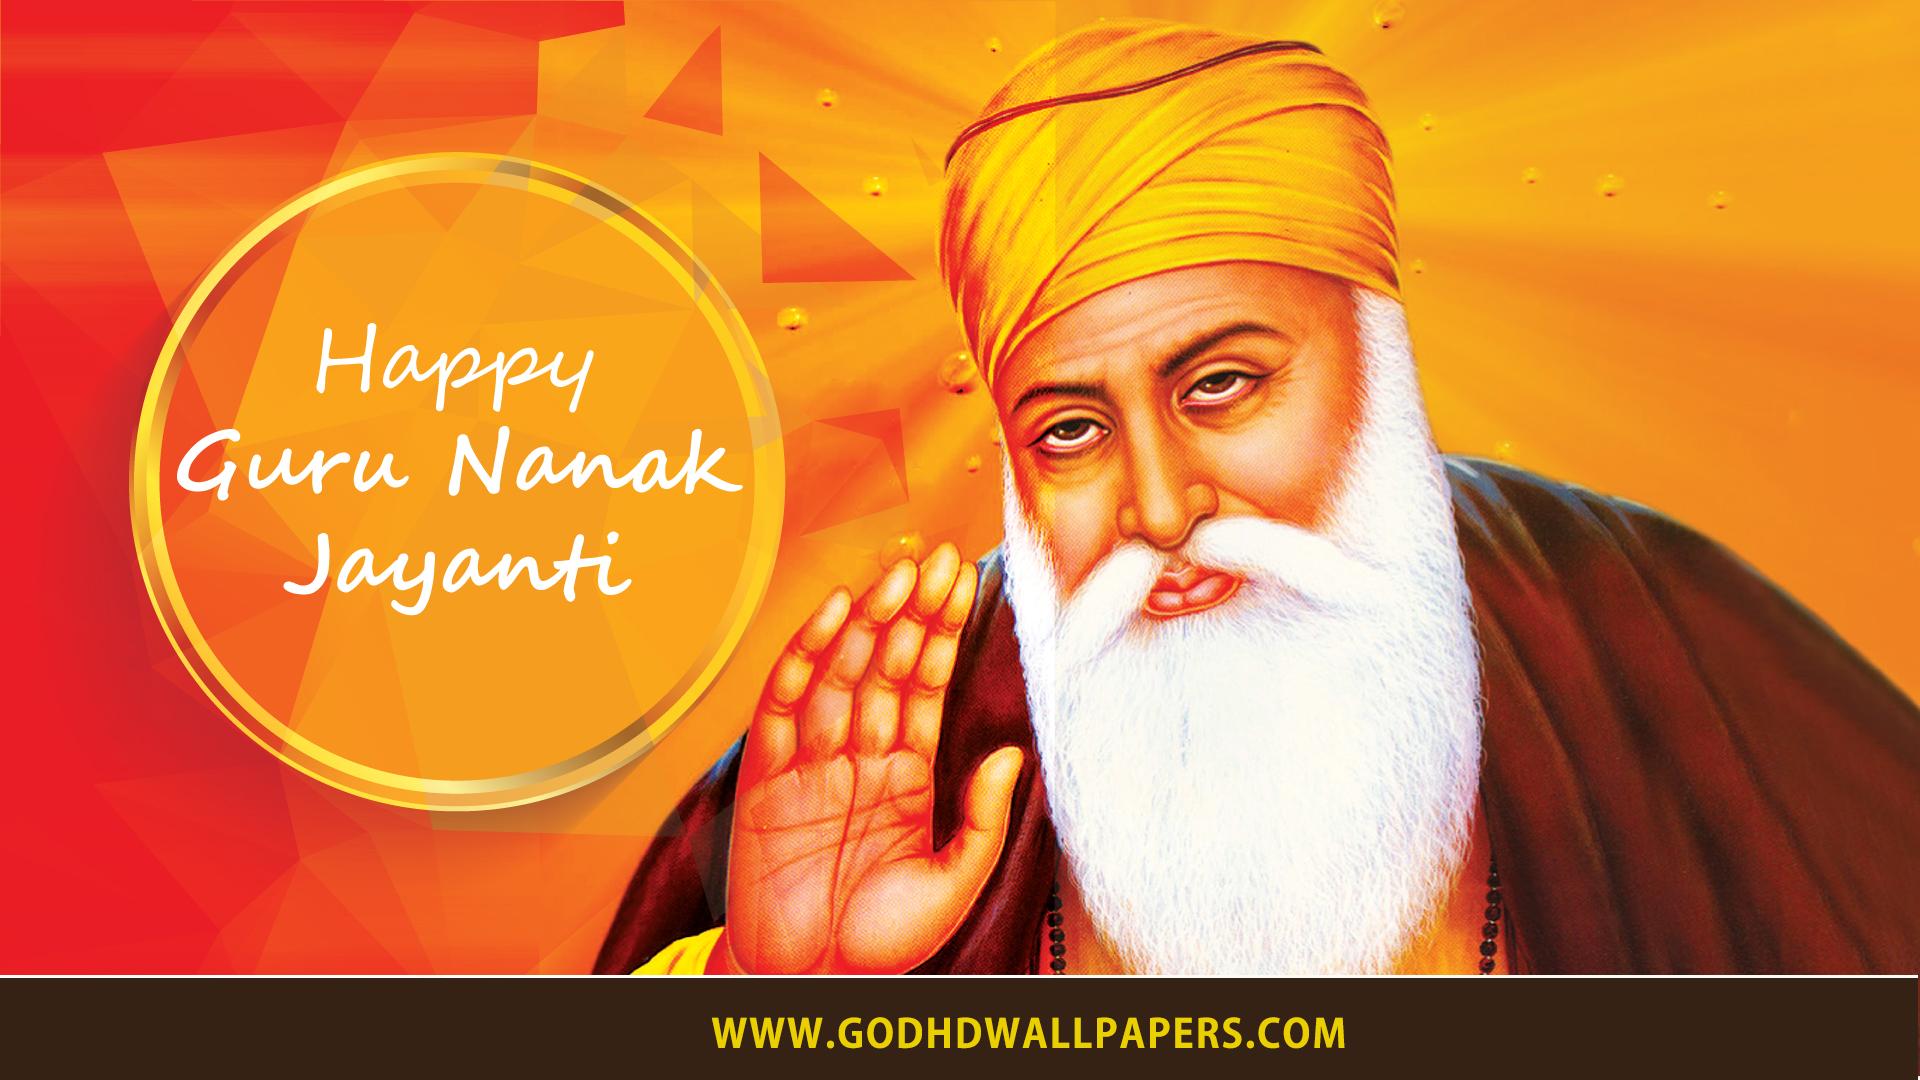 Happy Guru Nanak Jayanti Images Free Download